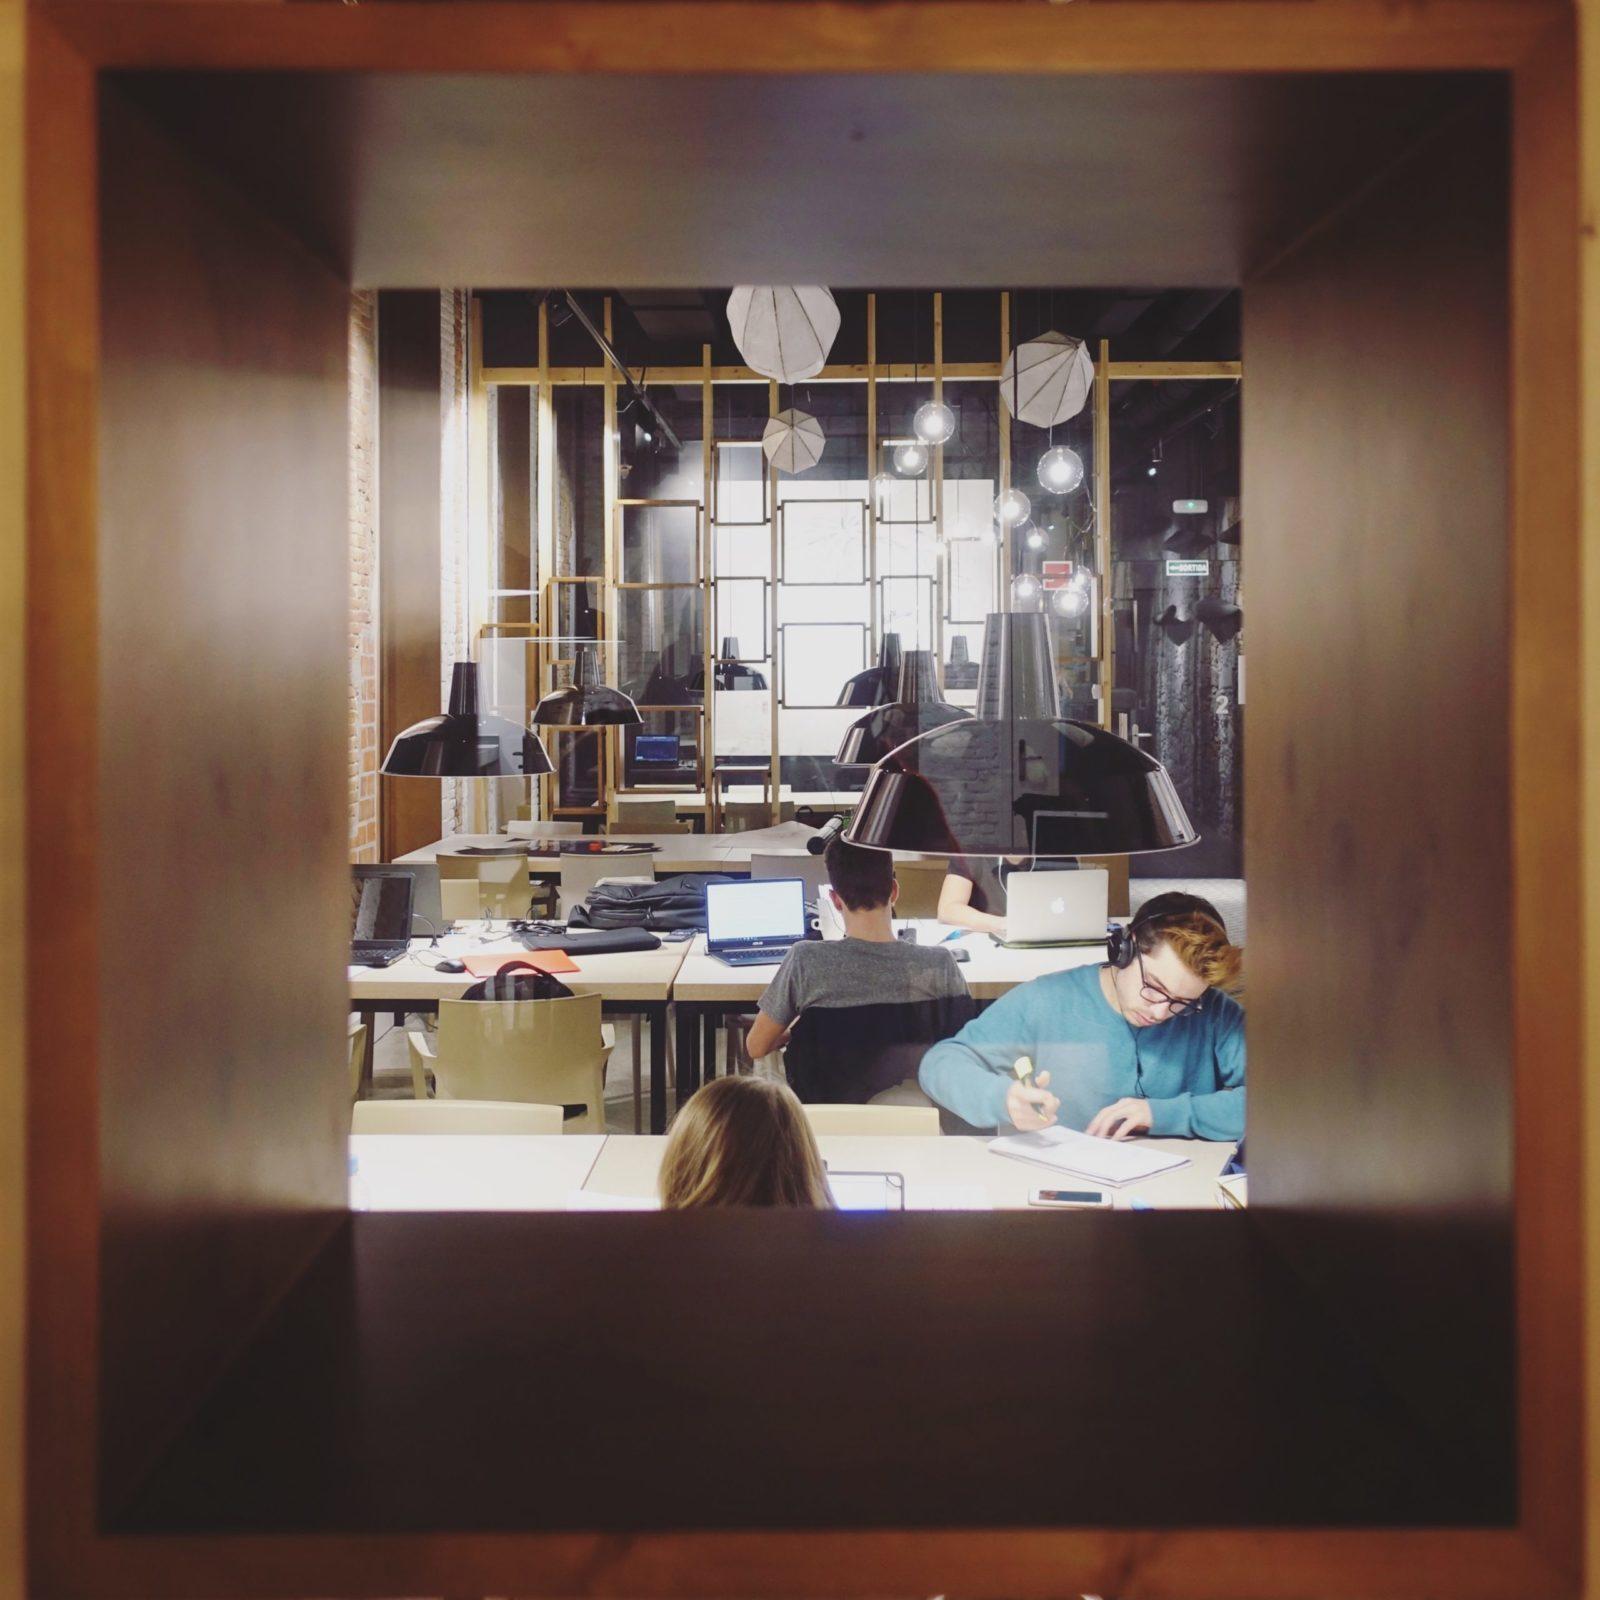 residencias universitarias tecnicas de estudio (1)